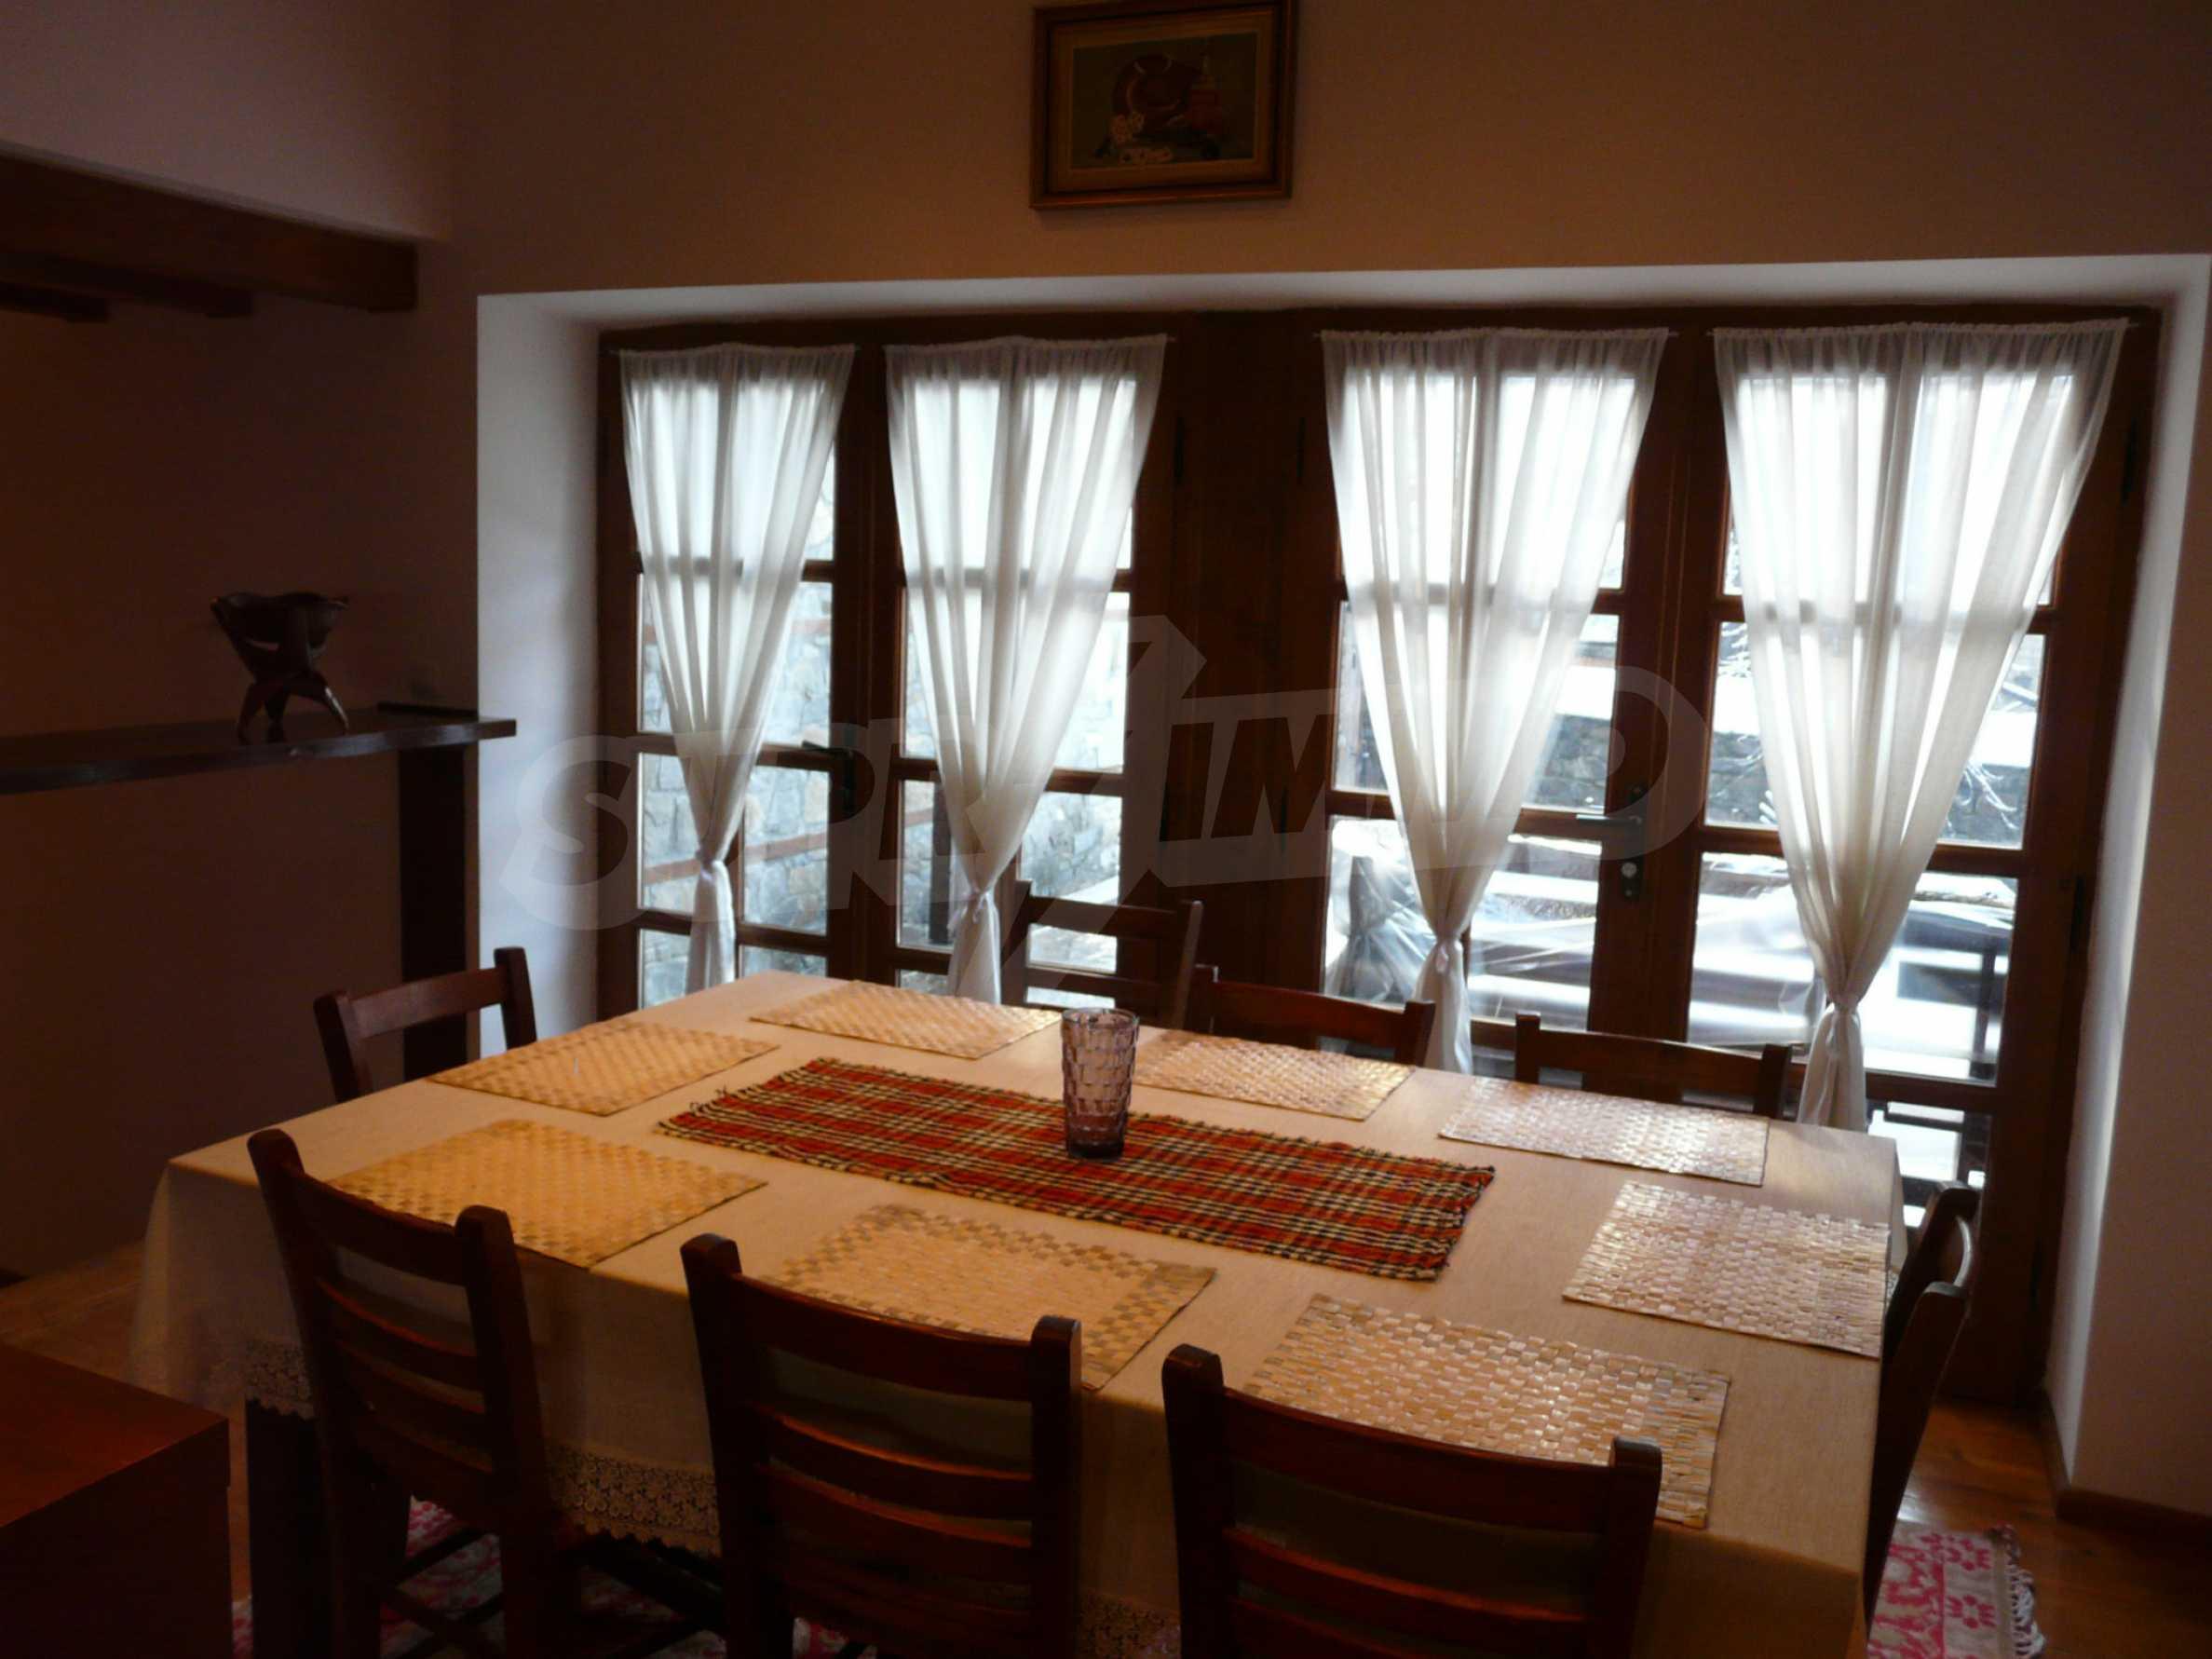 Renoviertes, möbliertes Rhodopenhaus in der Nähe von Pamporovo und Smolyan 8